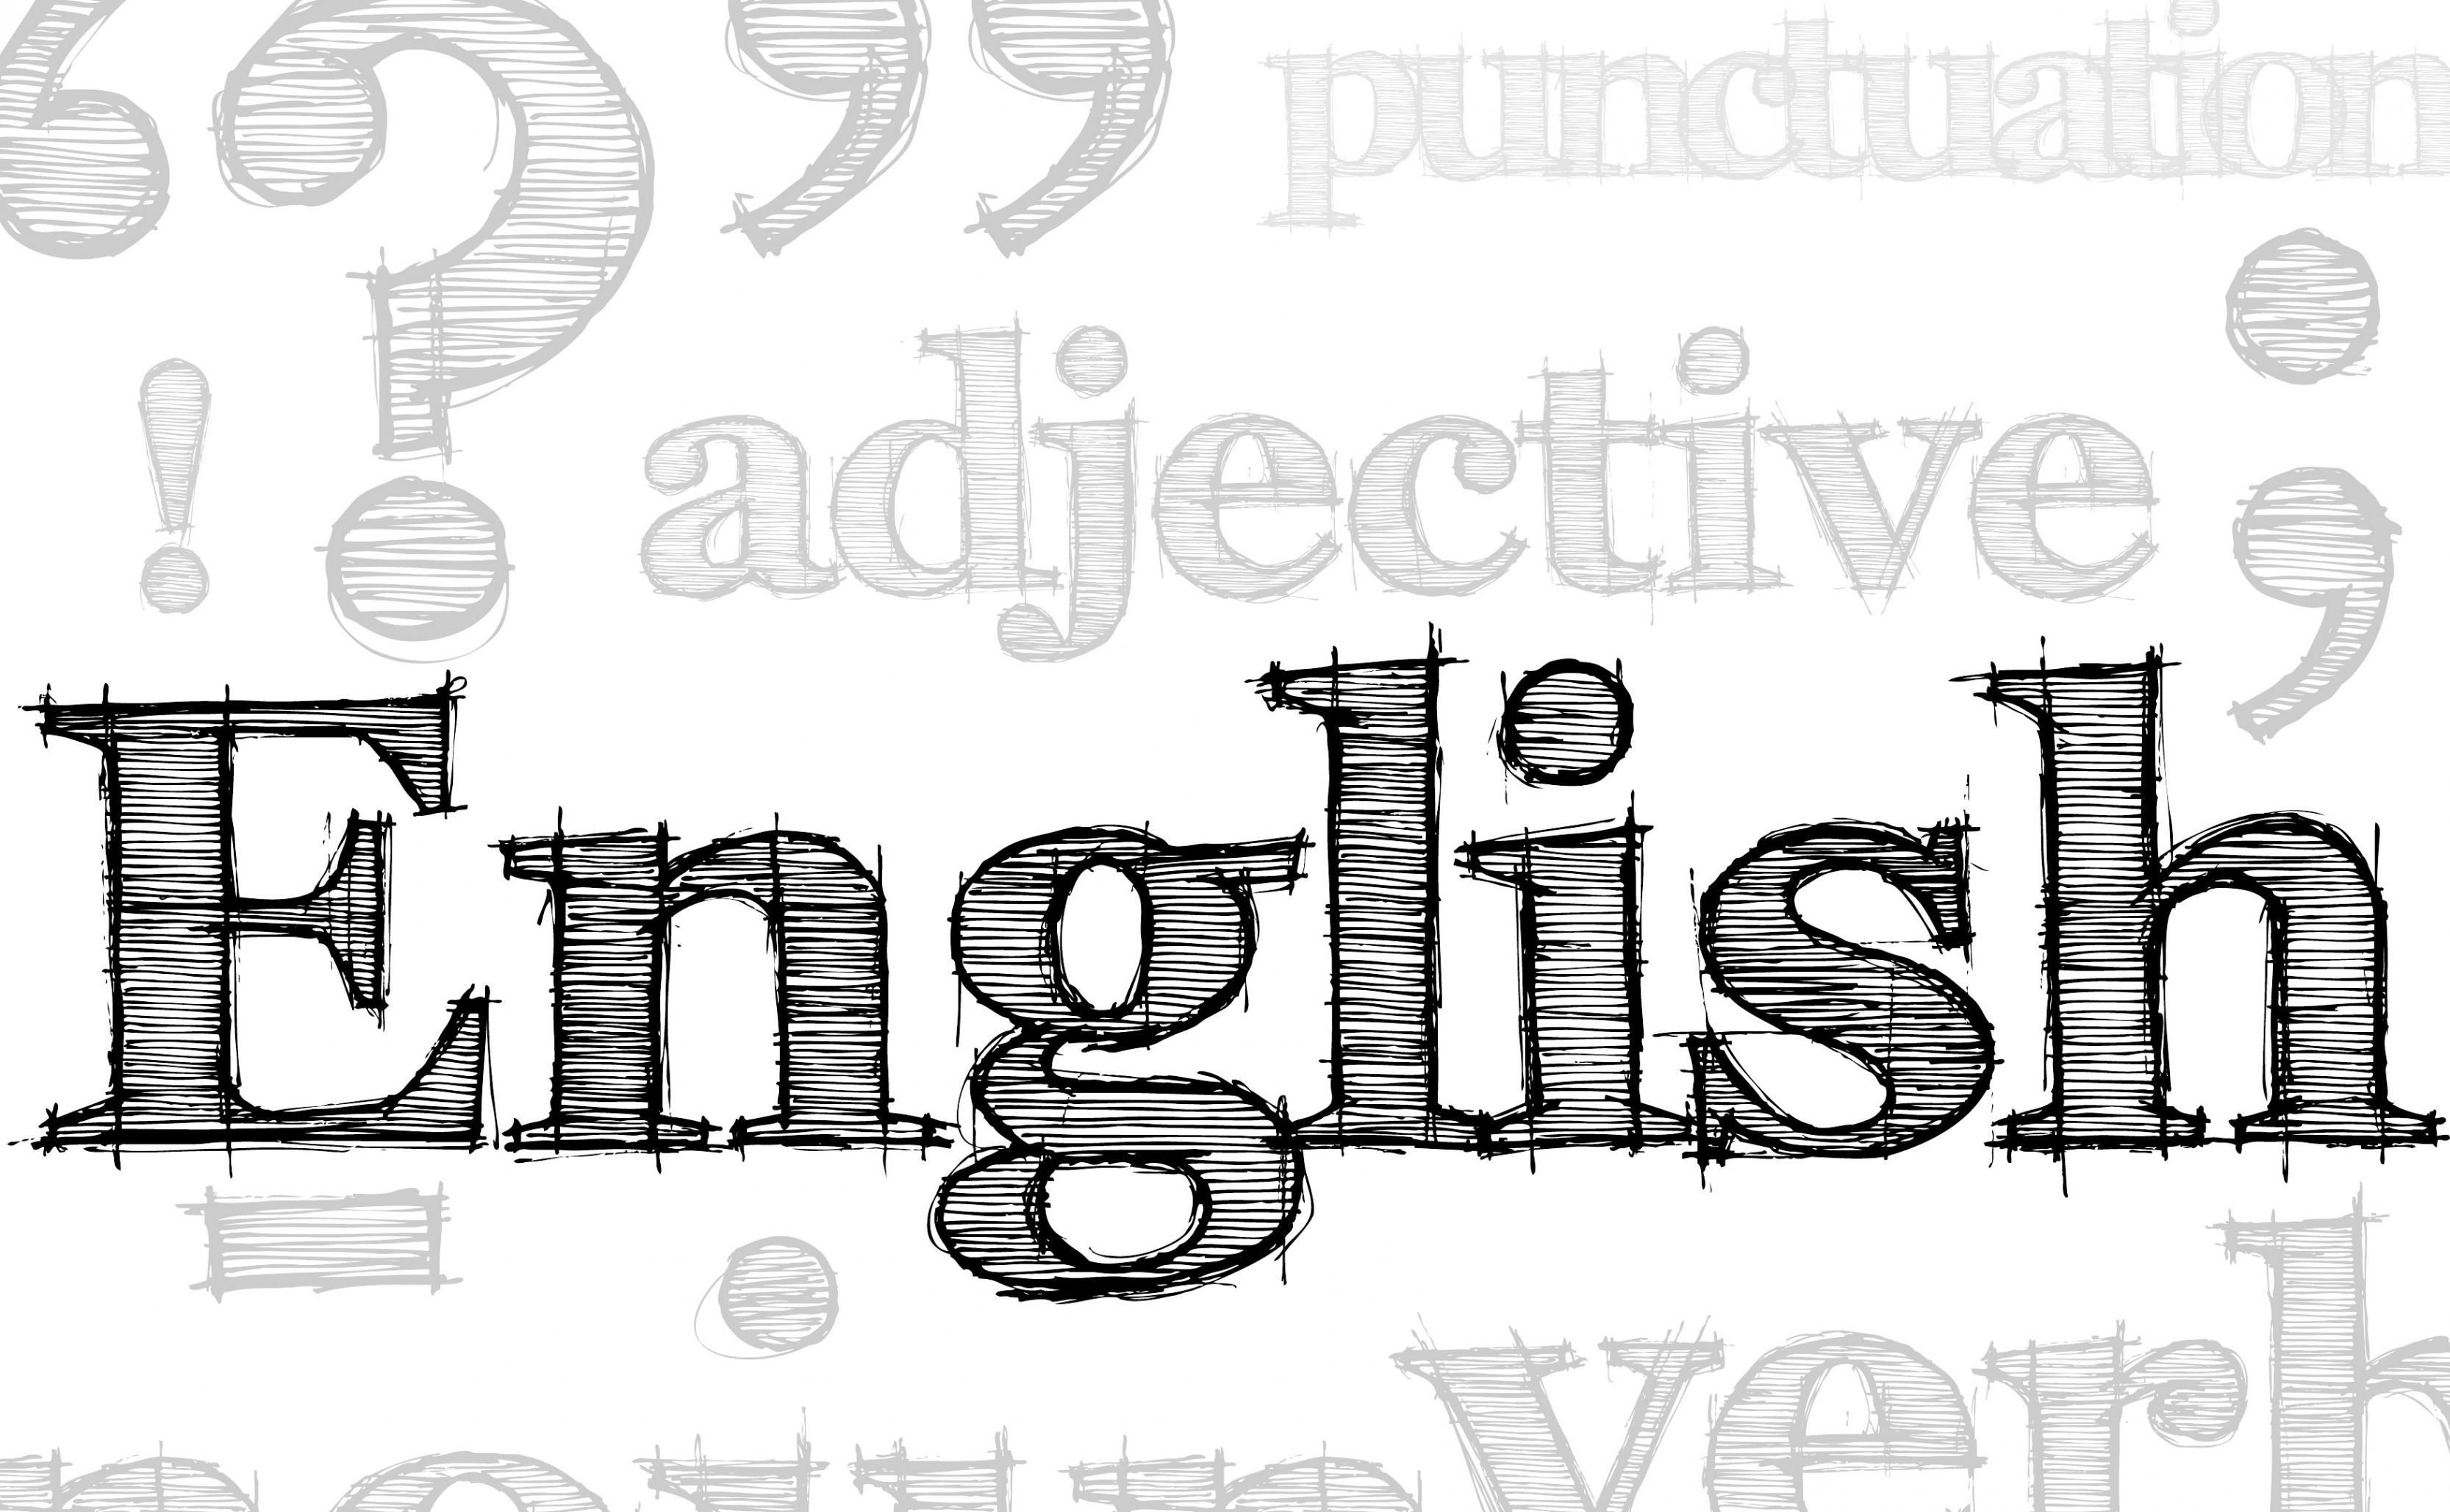 بالصور كلمات انجليزية مهمة , تعلم اهم المحادثات مهمه بالانجيلزية 4425 1